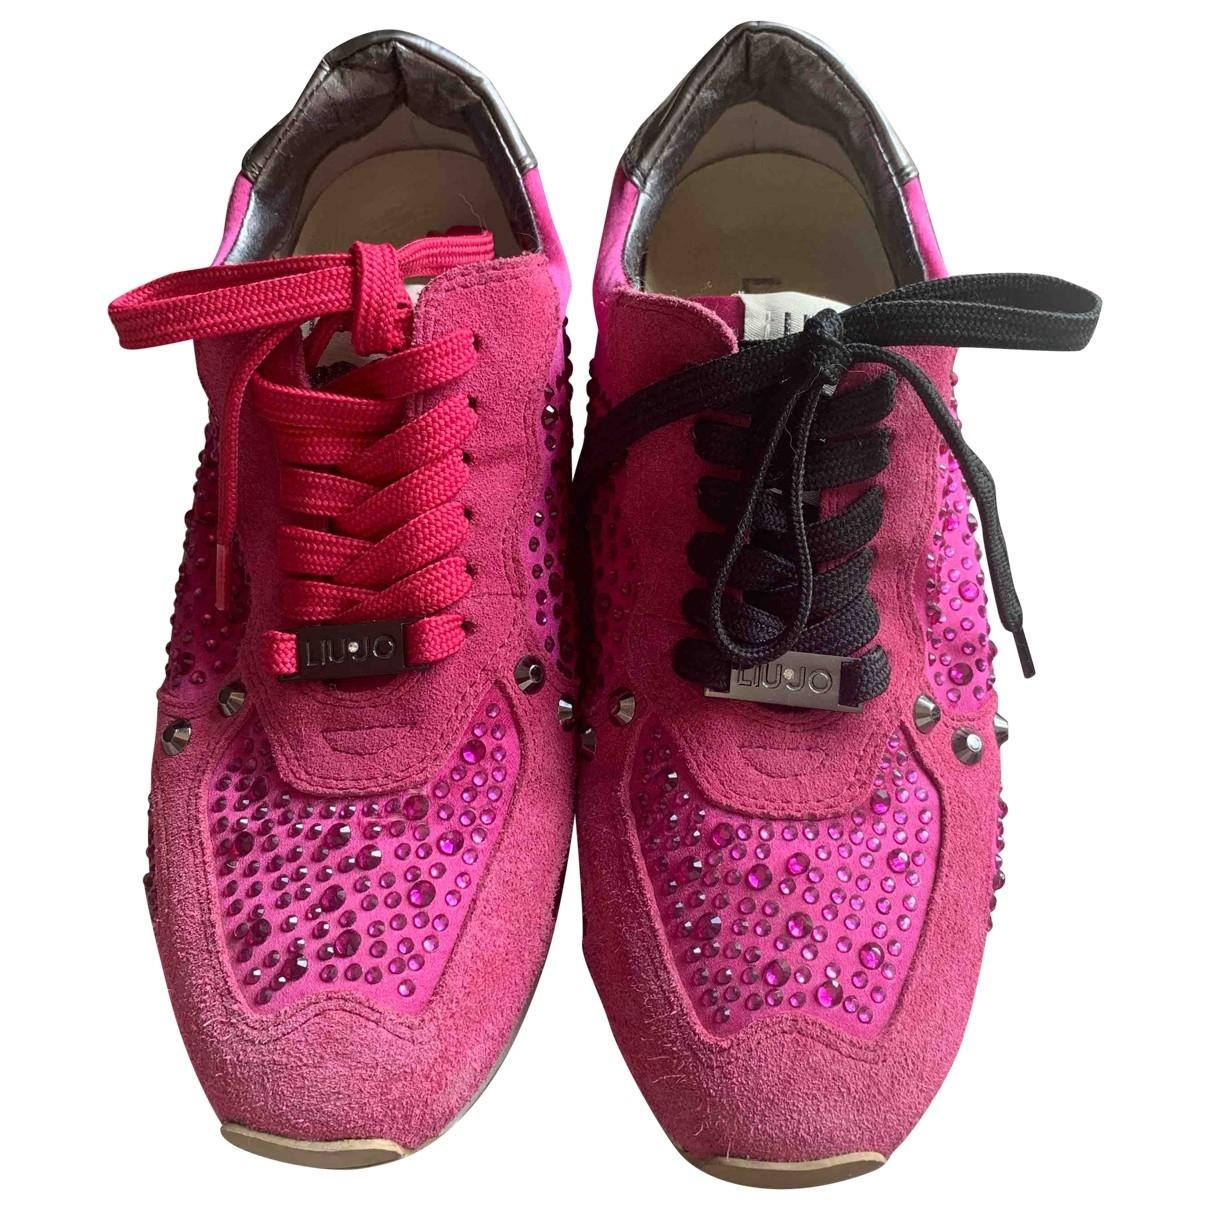 Liu.jo \N Sneakers in Leder